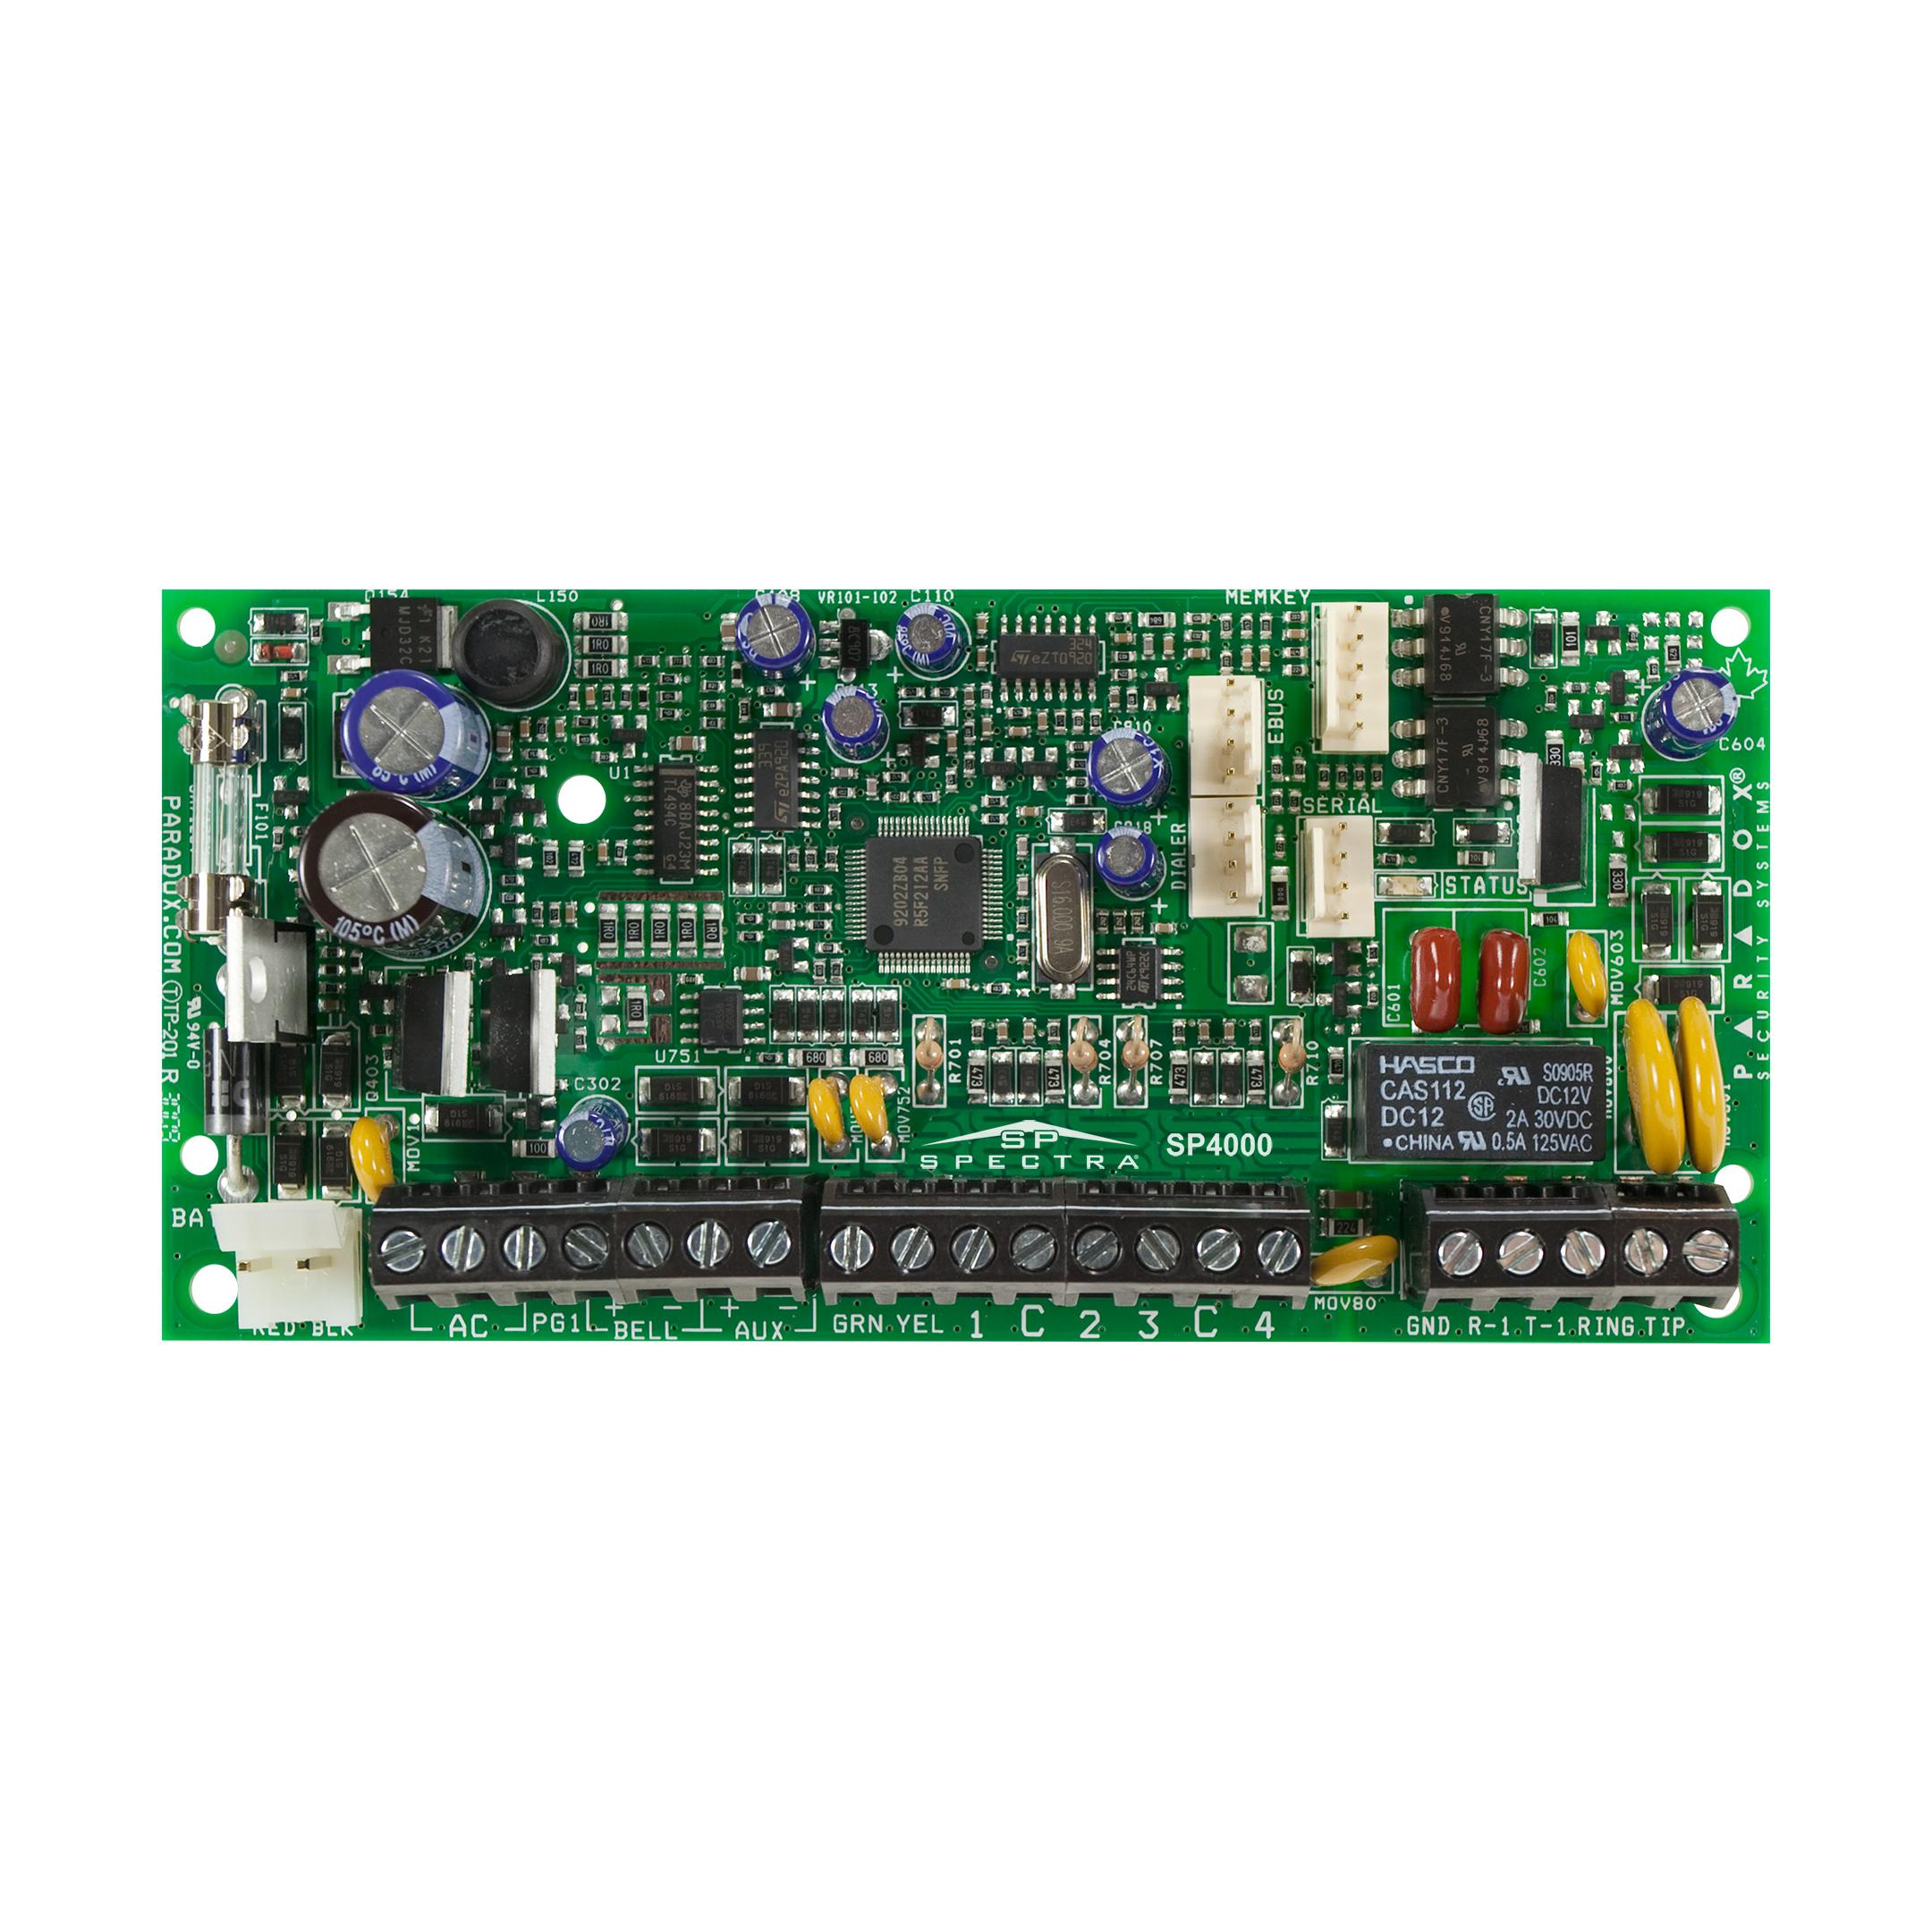 کنترل پنل 4 تا 32 منطقهSP4000 پارادوکس